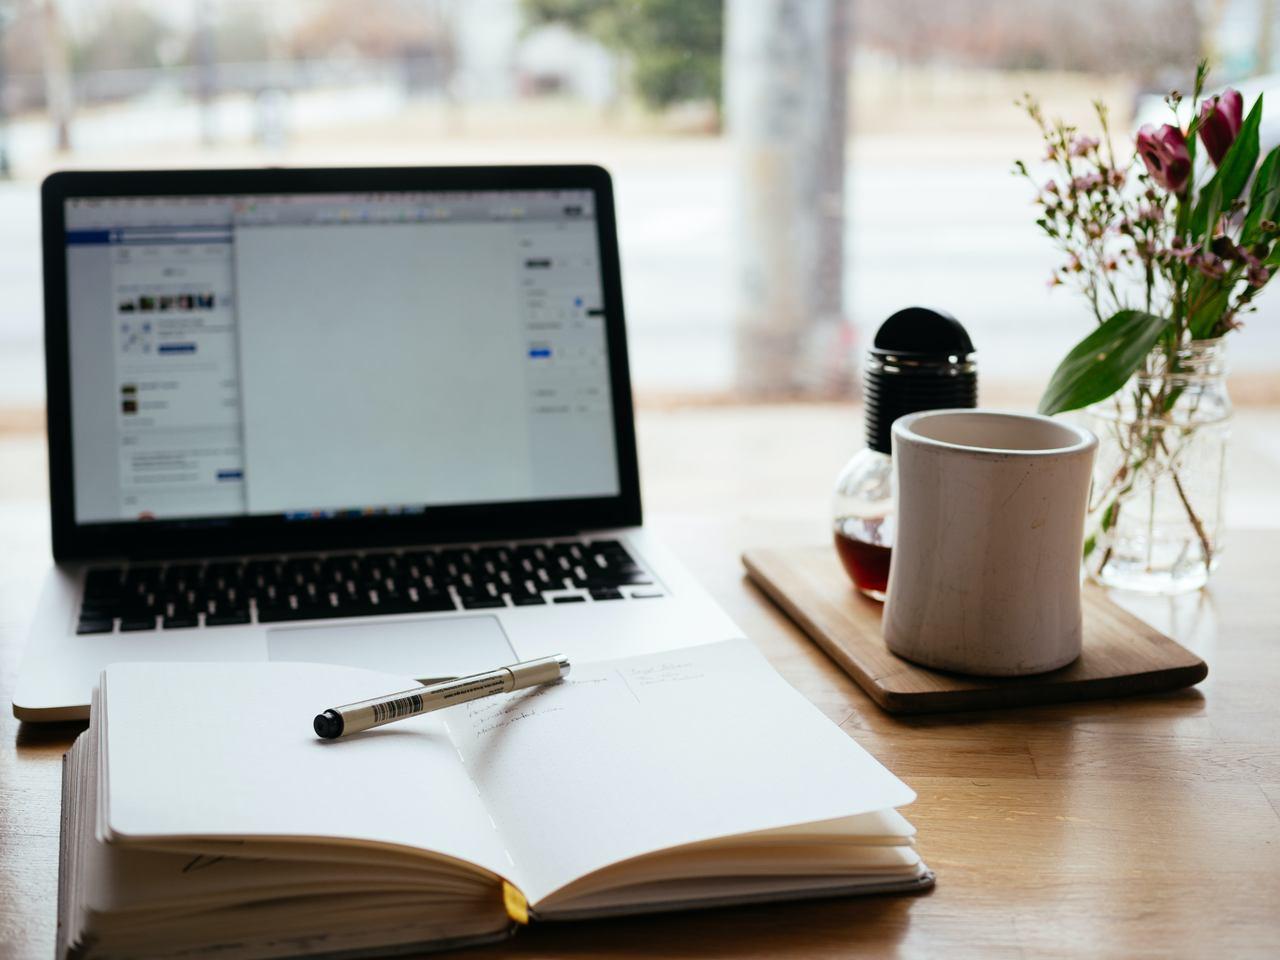 para-mim-ou-para-eu - mesa com notebook, caderno aberto e xícara